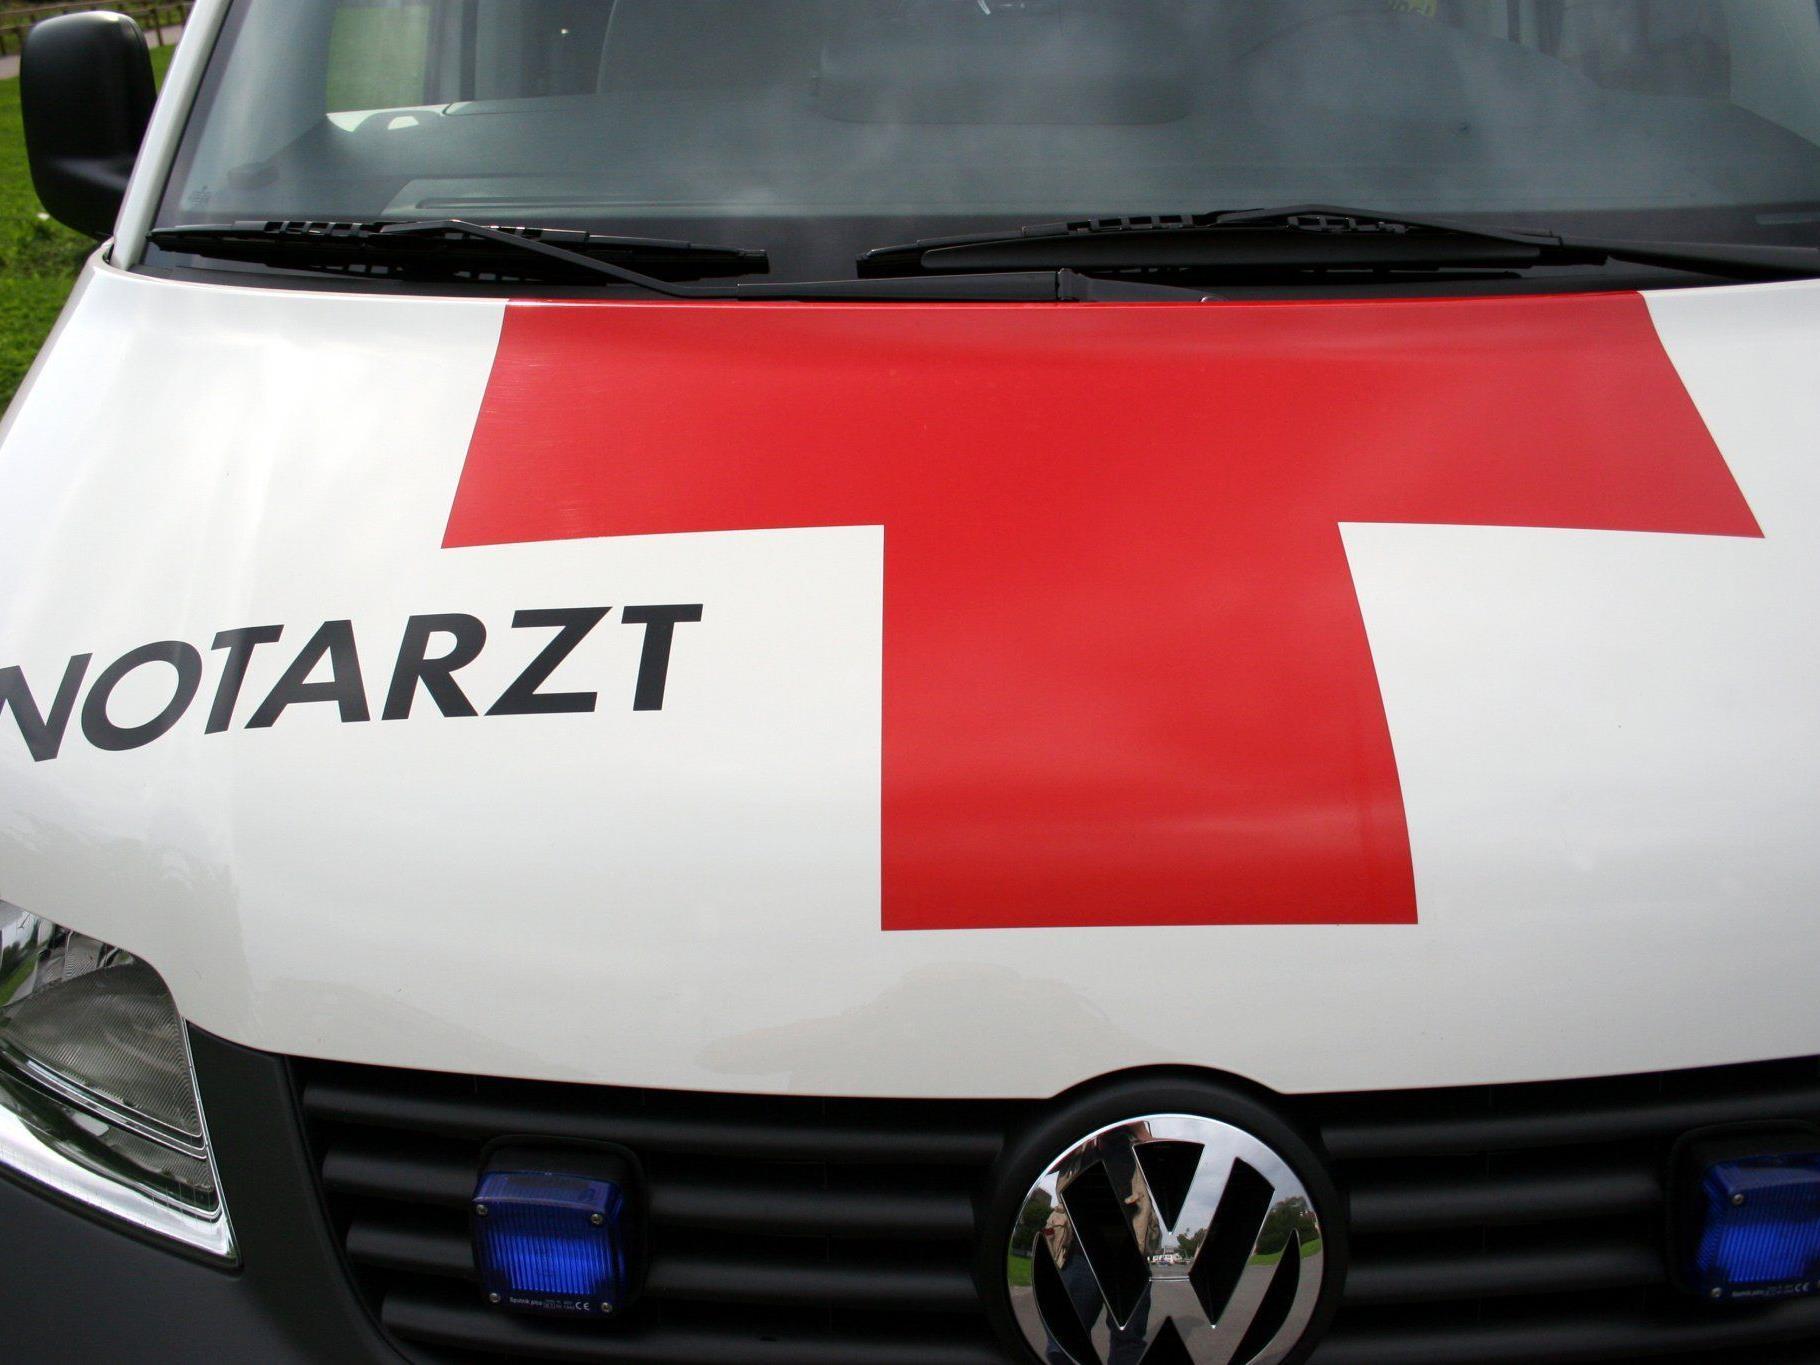 Ein Autolenker wurde leicht verletzt - Stute musste eingeschläfert werden